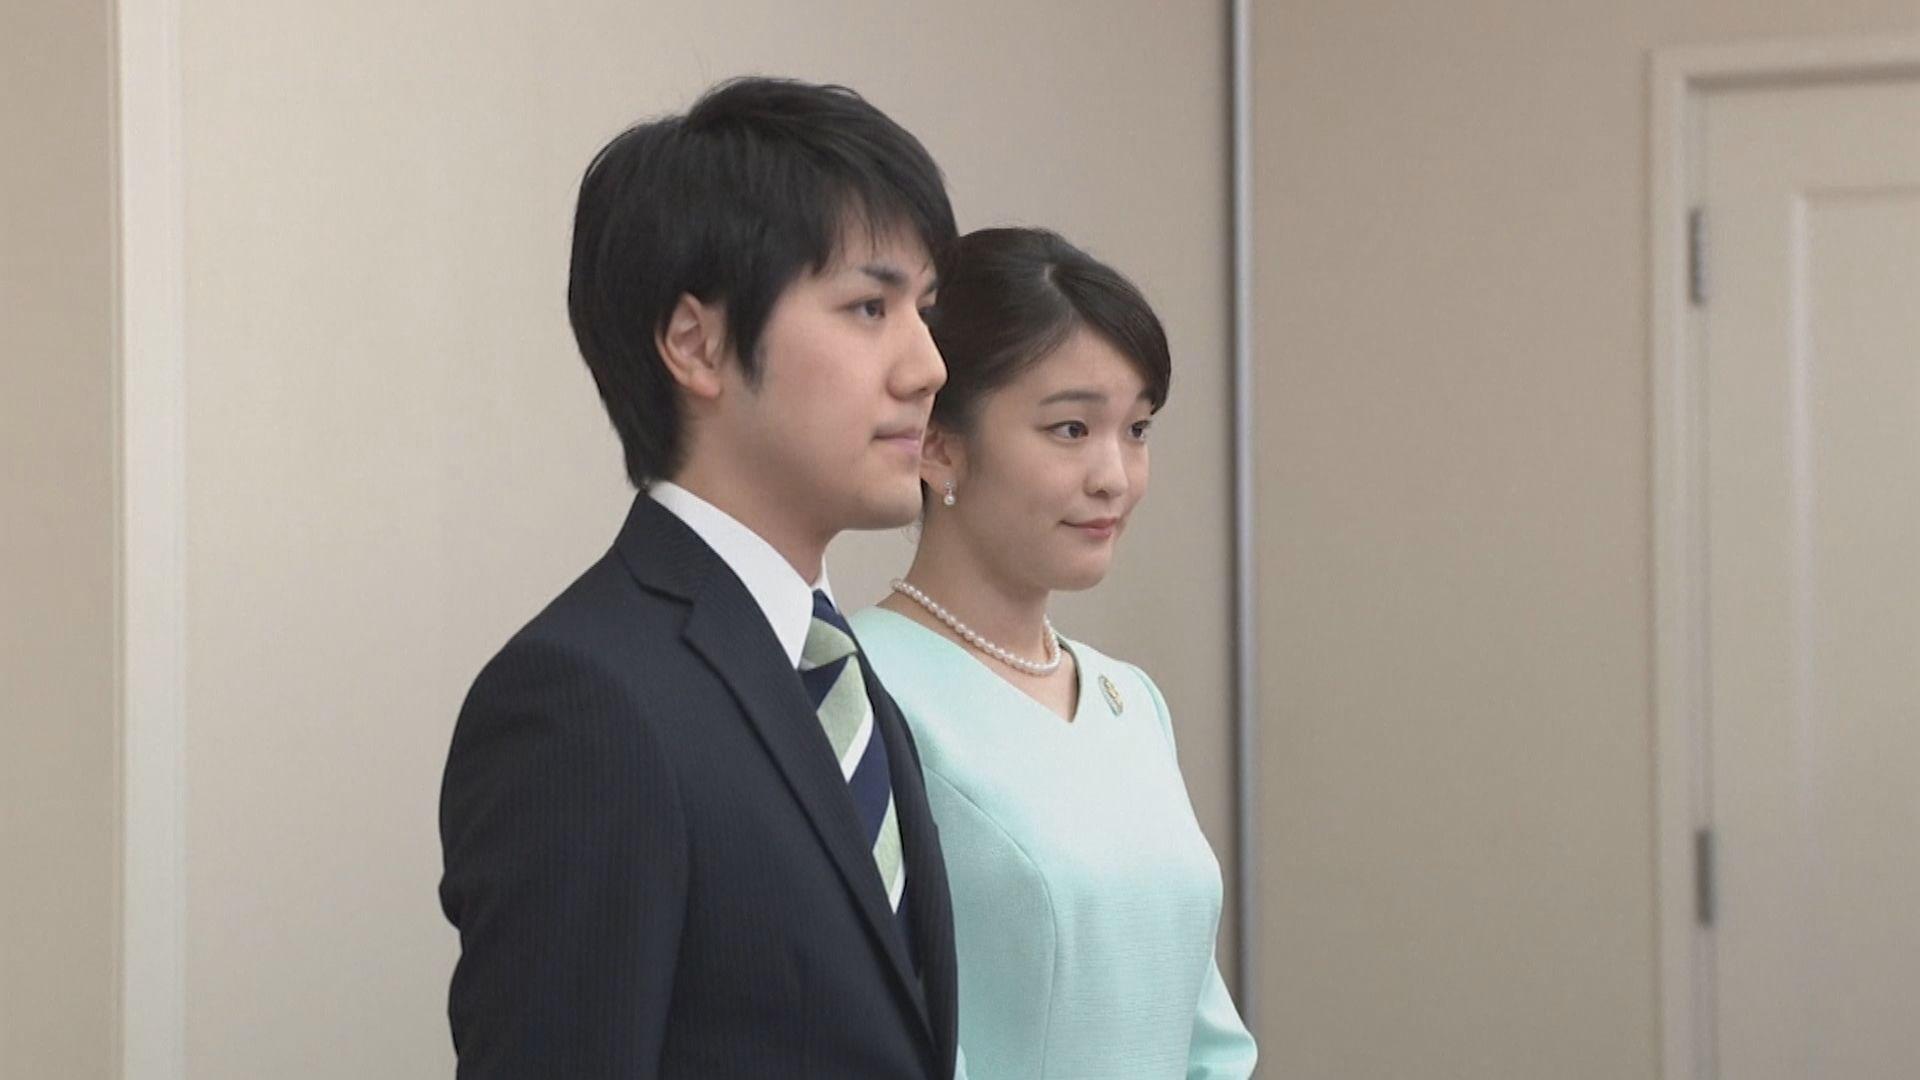 日皇侄女真子與小室圭成婚 首以平民身份晤傳媒